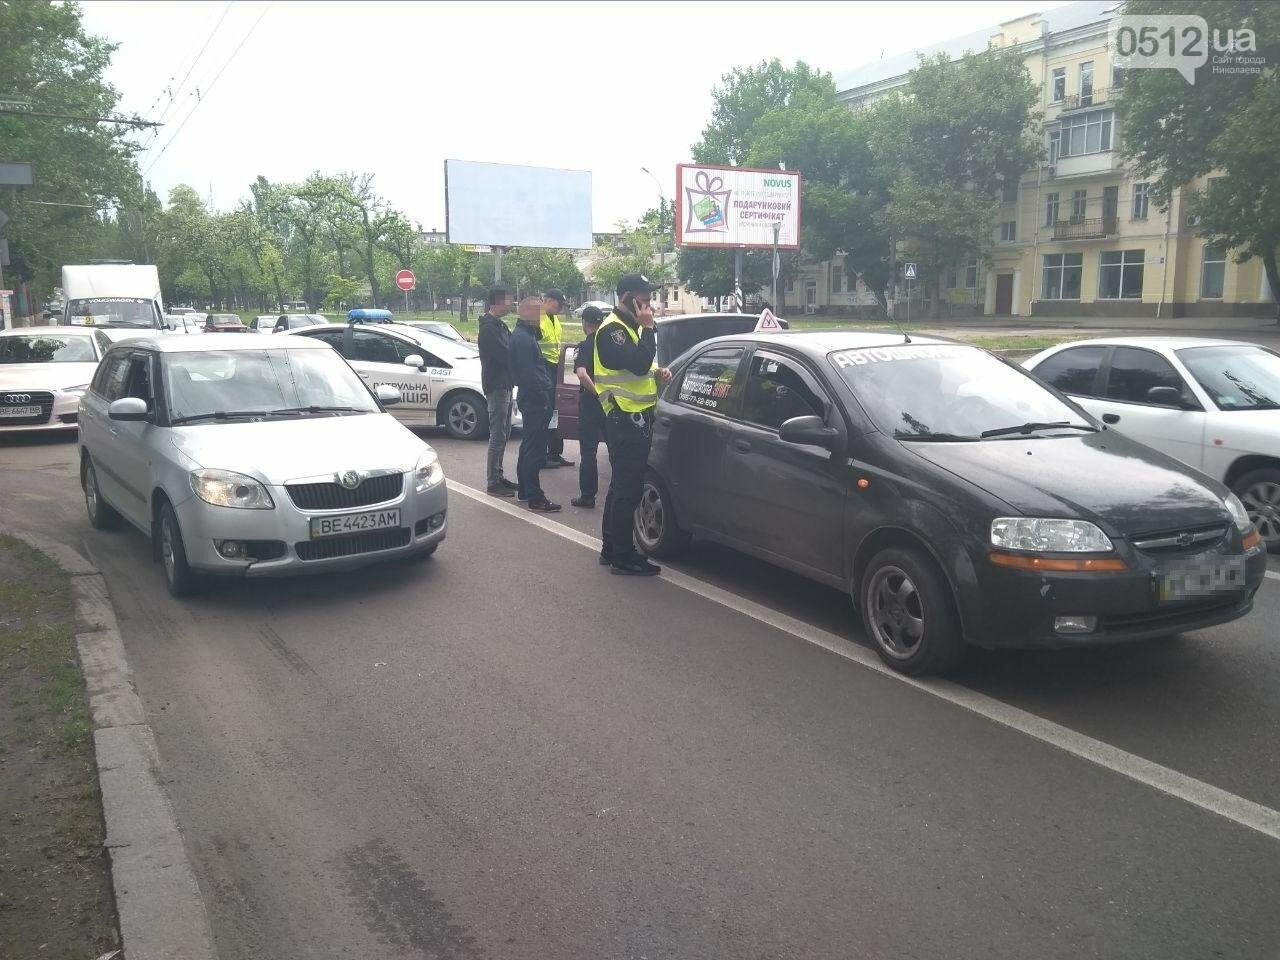 В центре Николаева произошла авария с участием автомобиля автошколы, - ФОТО, фото-3